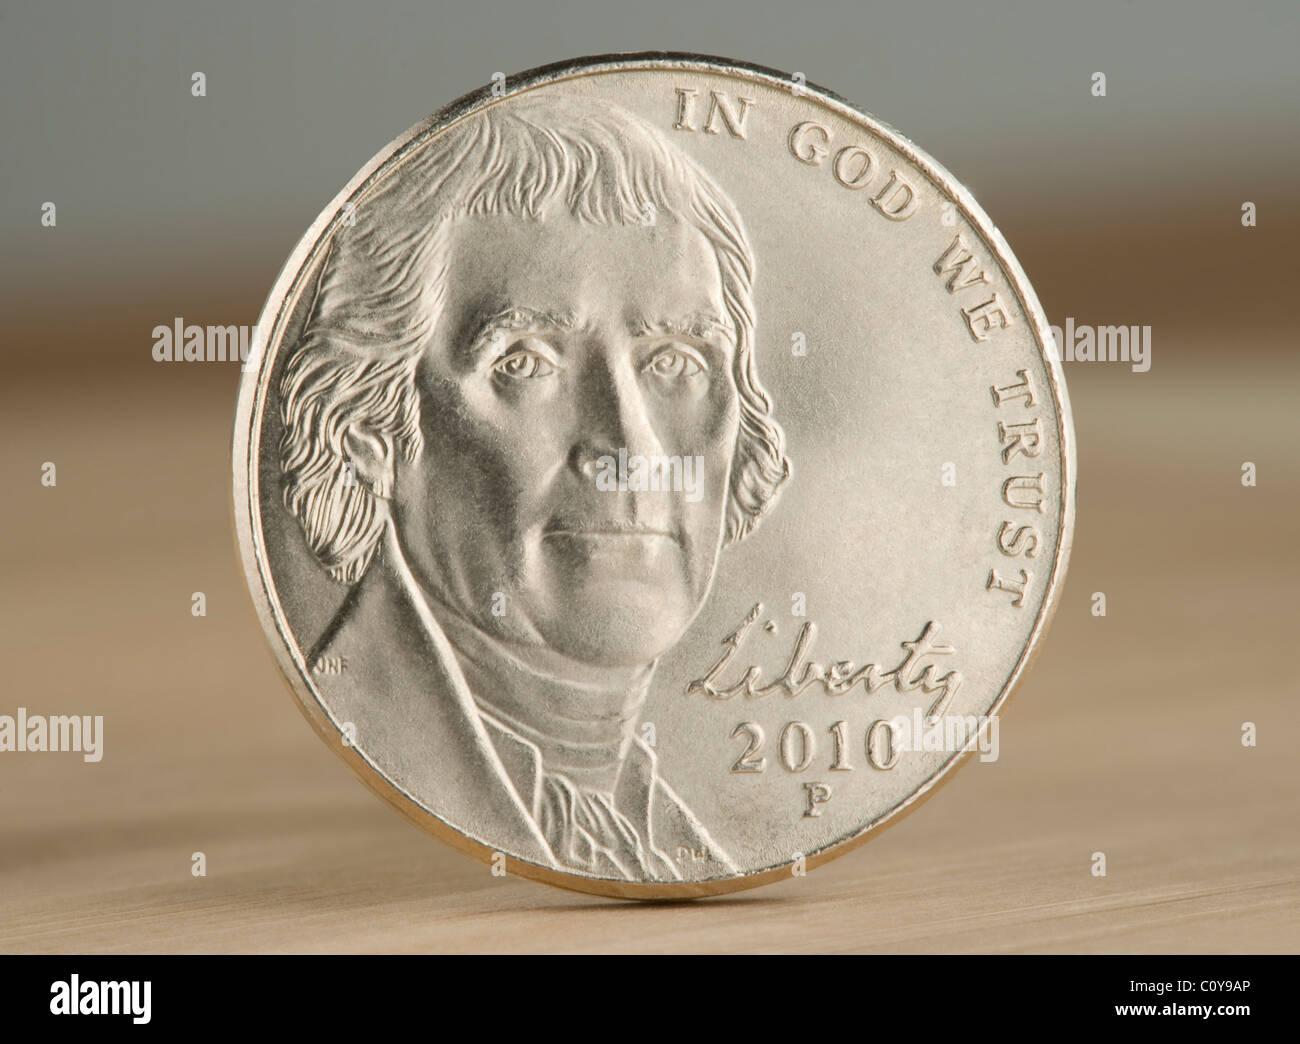 2010 US Nickel Münze. Der Nennwert von 5 Cent ist jetzt kleiner als der Wert der Metalle in der Münze. Stockbild